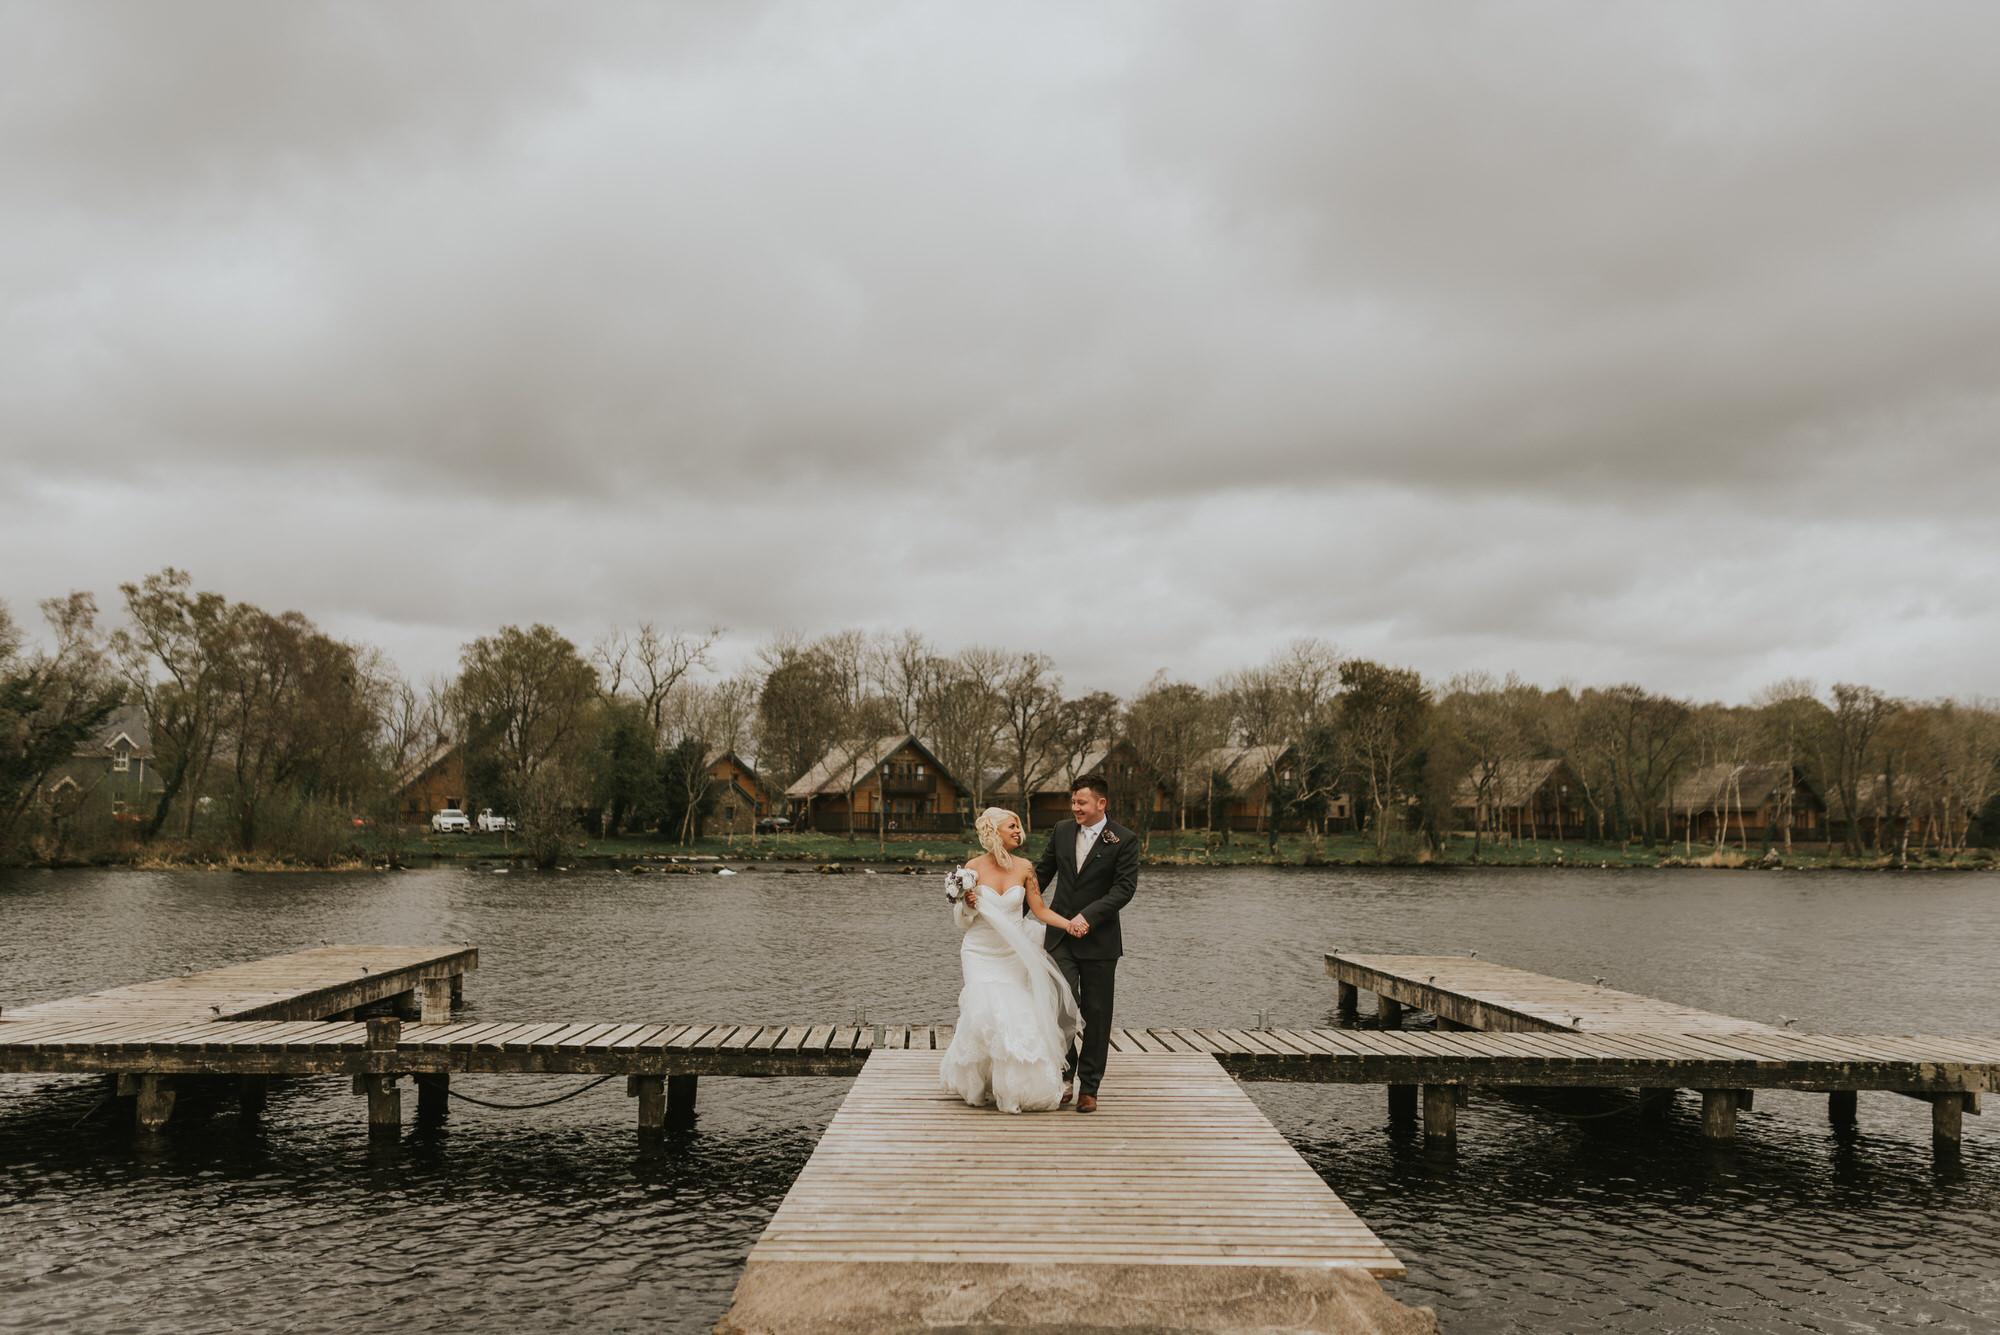 Lusty_Beg_Island_Wedding_49